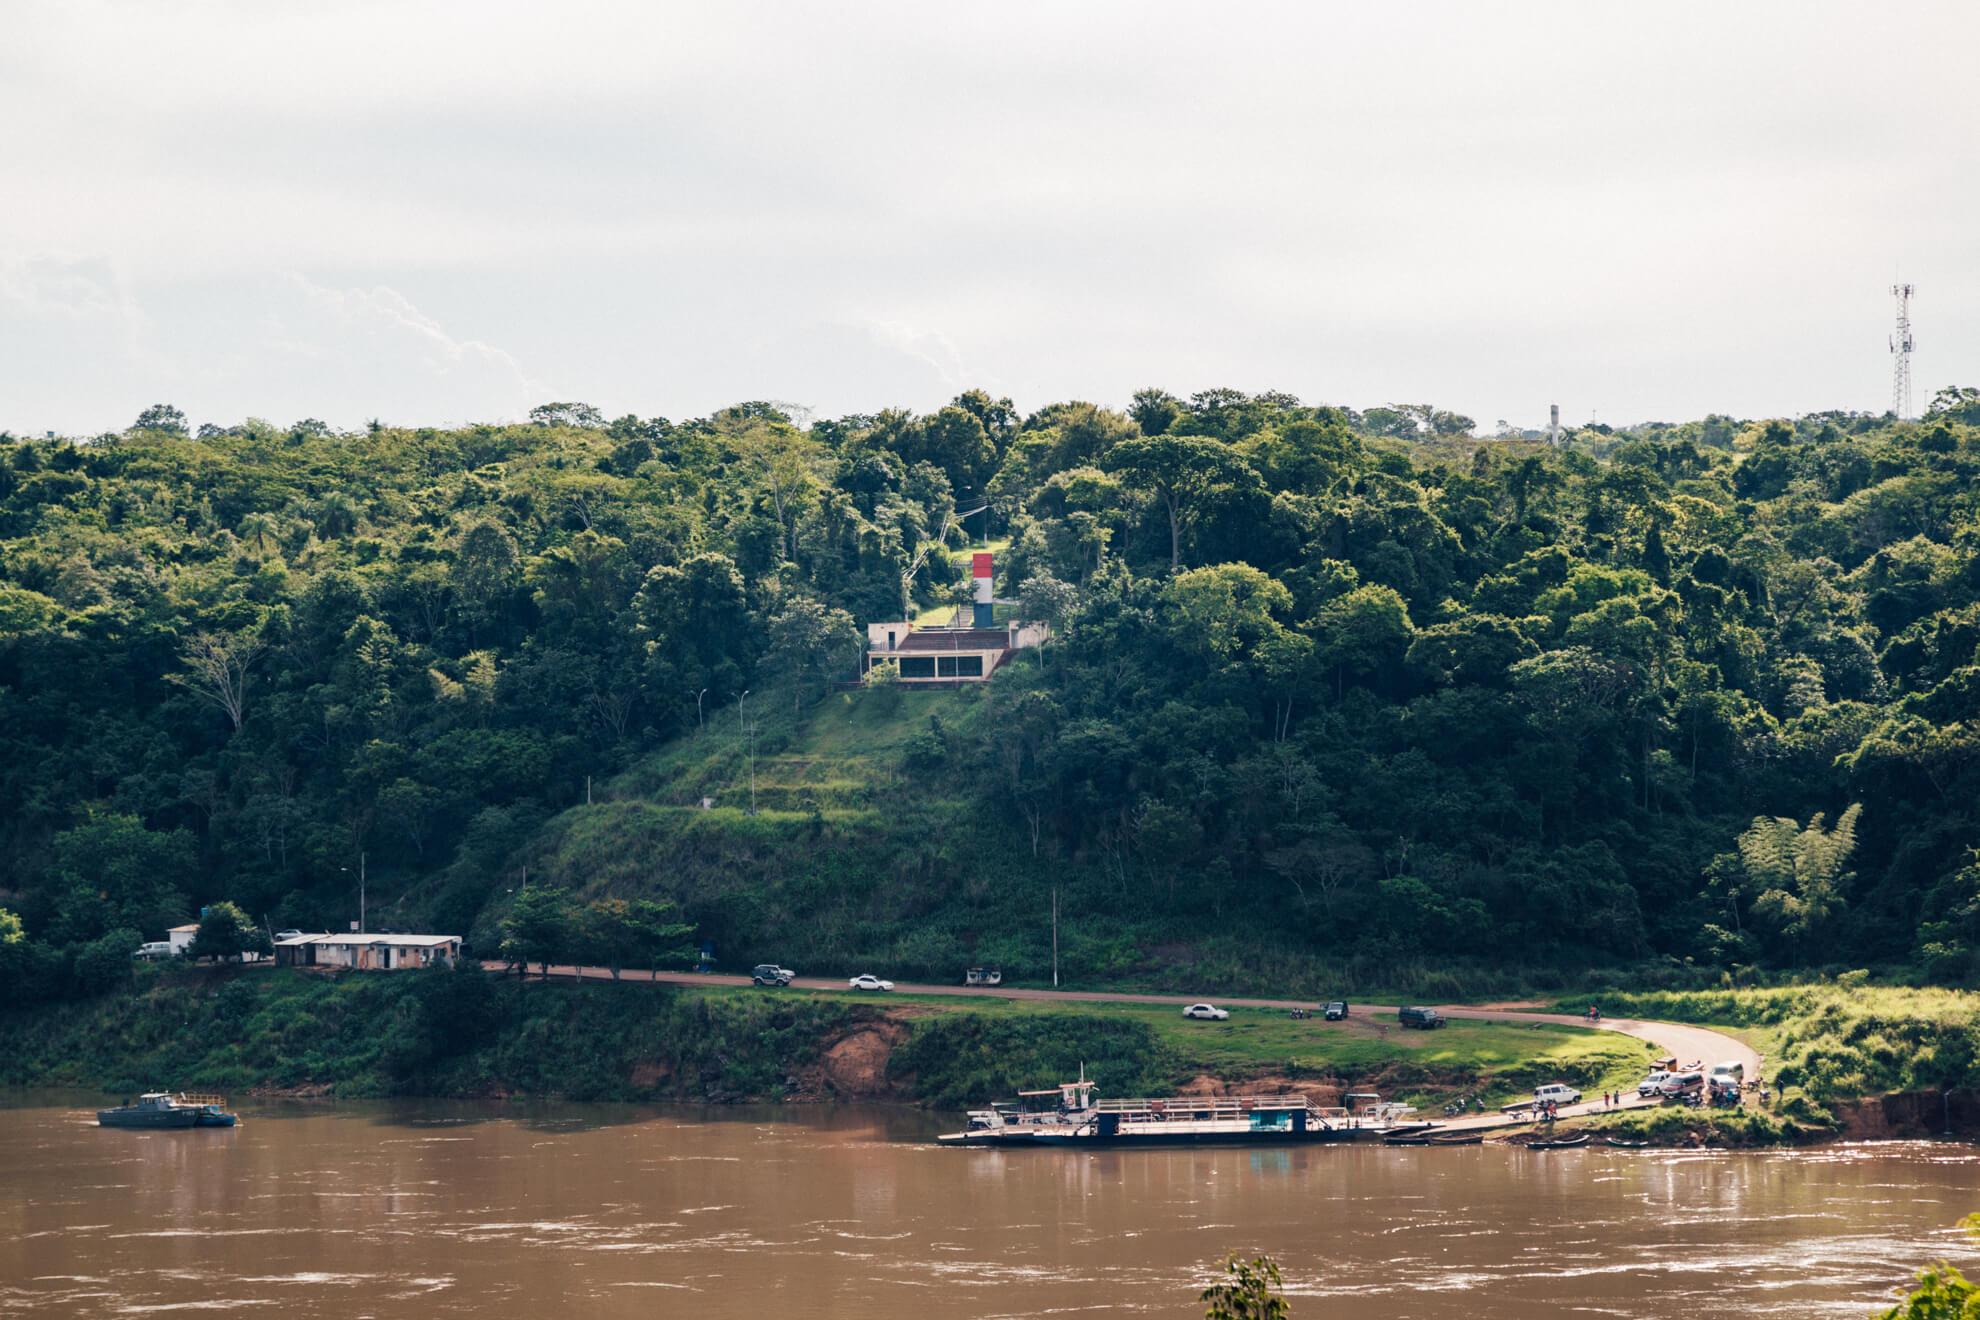 Marco Paraguaio